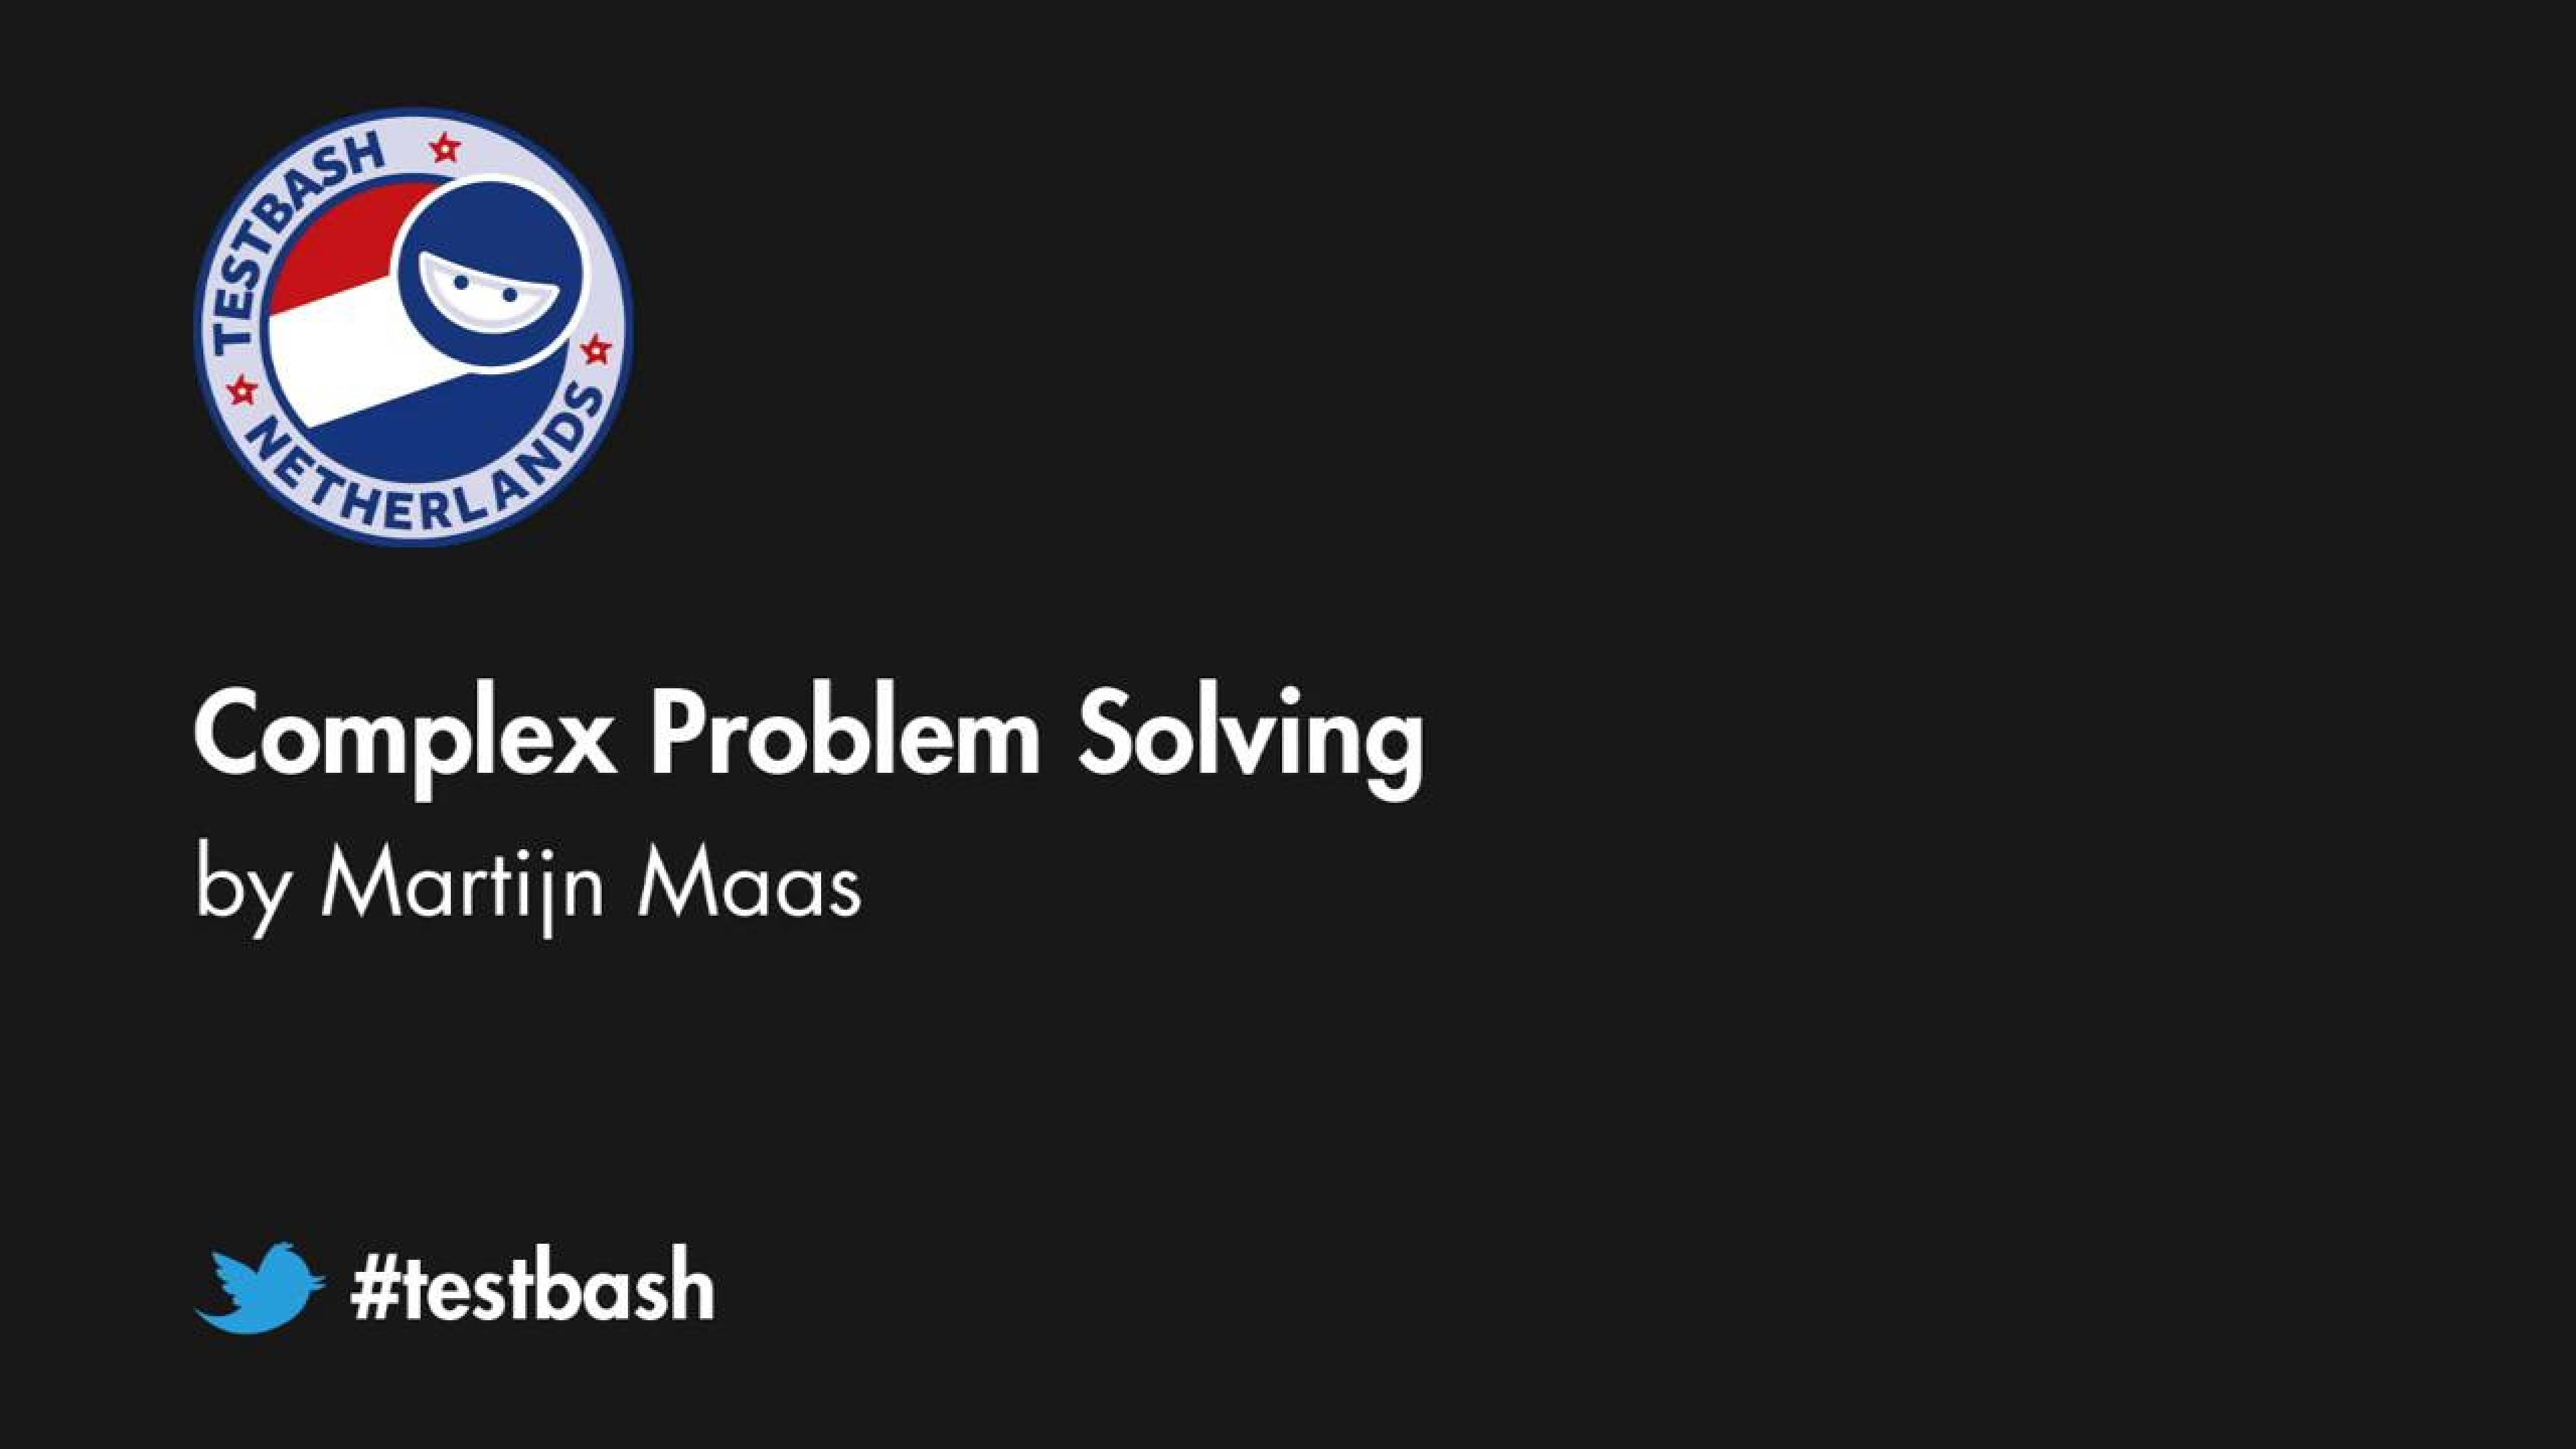 Complex Problem Solving - Martijn Maas